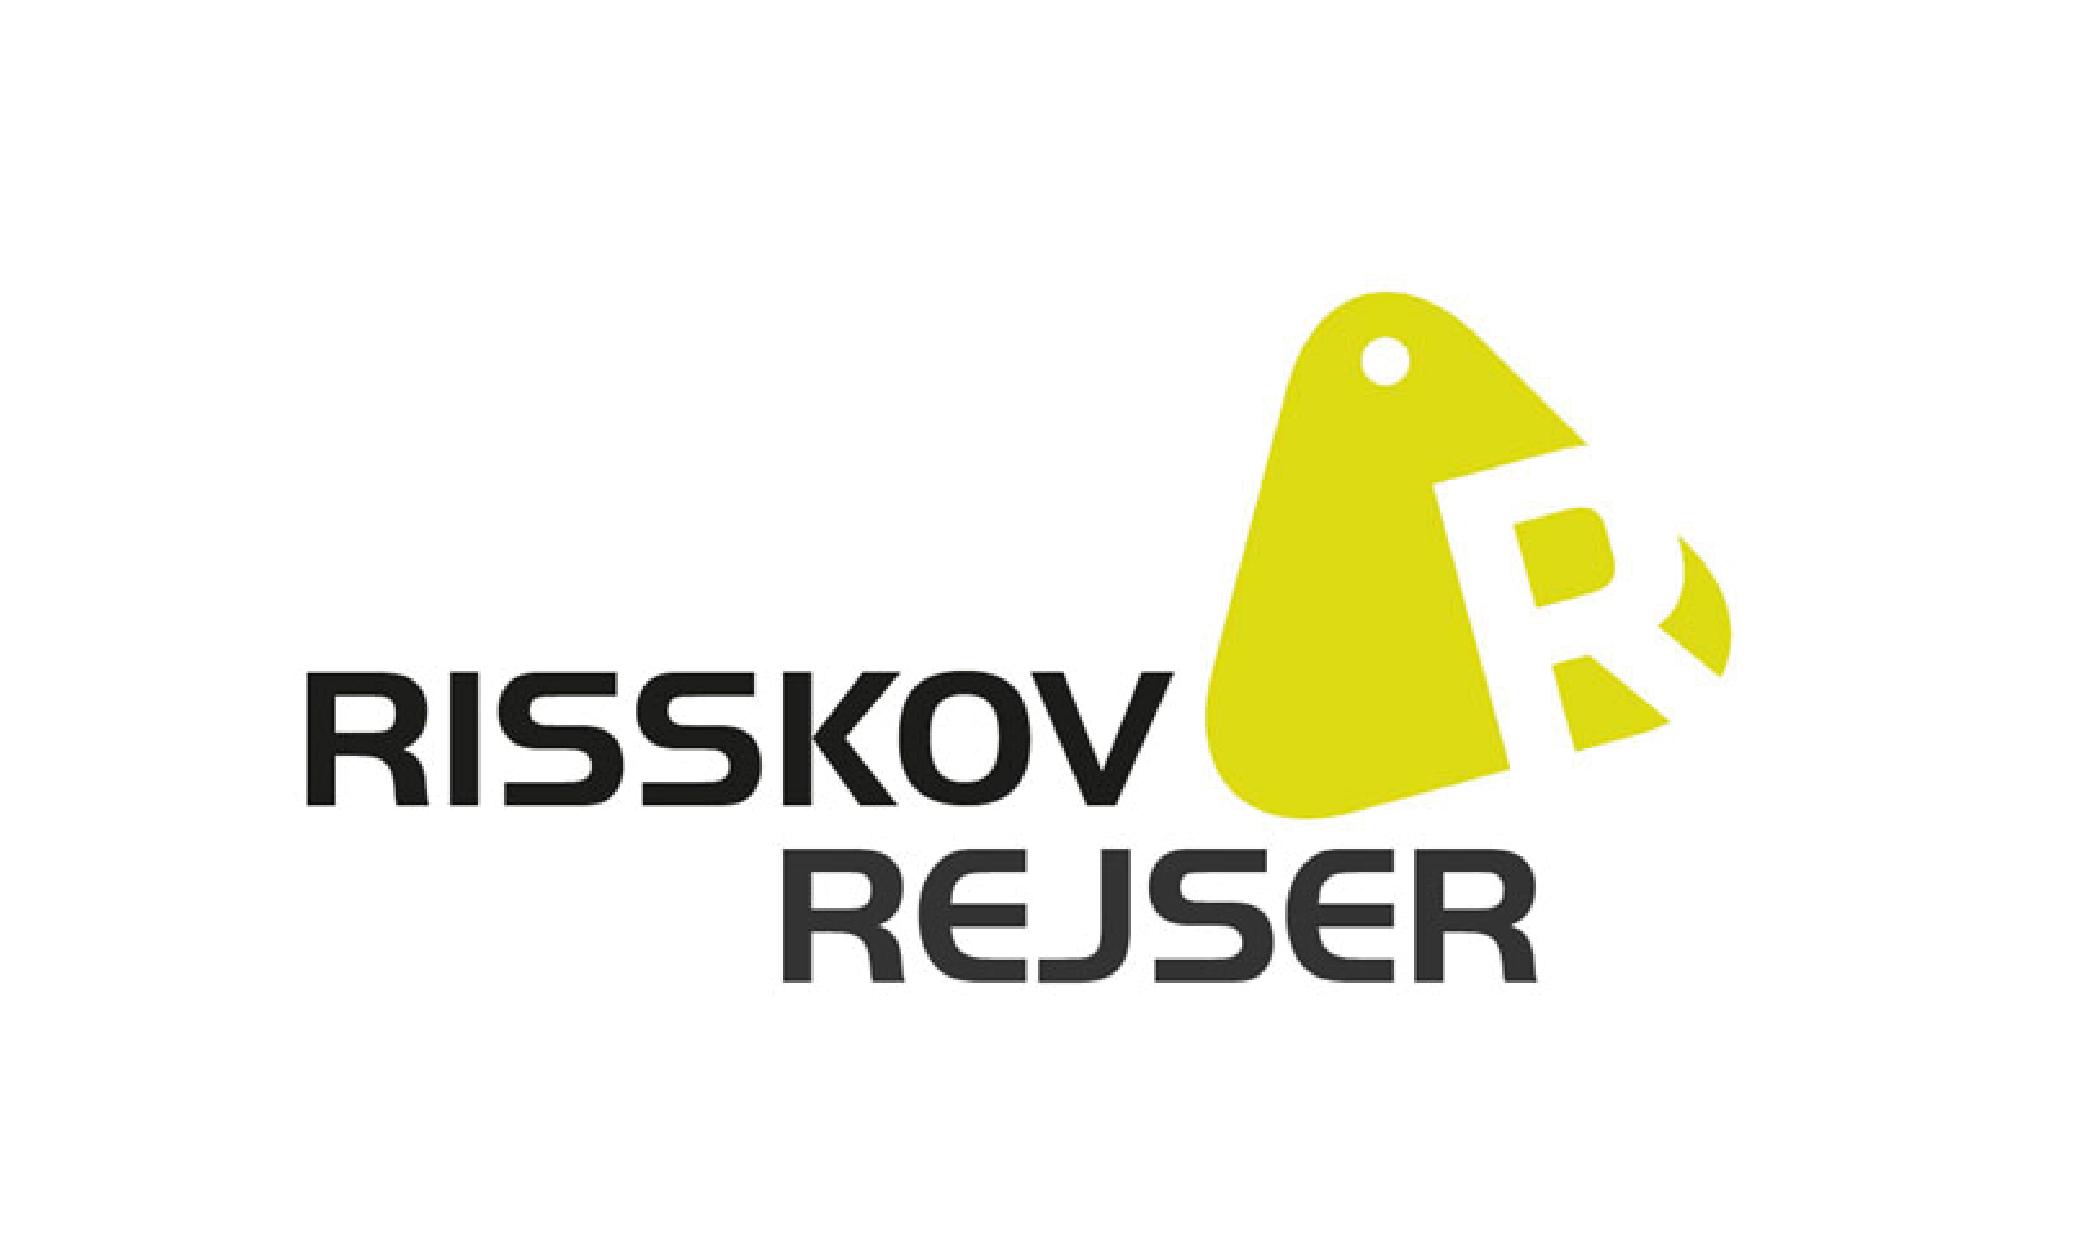 Risskov Rejser, find dit Bizz Up Magasin, Distribution, find magasin, Bizz Up, Bizzup.dk